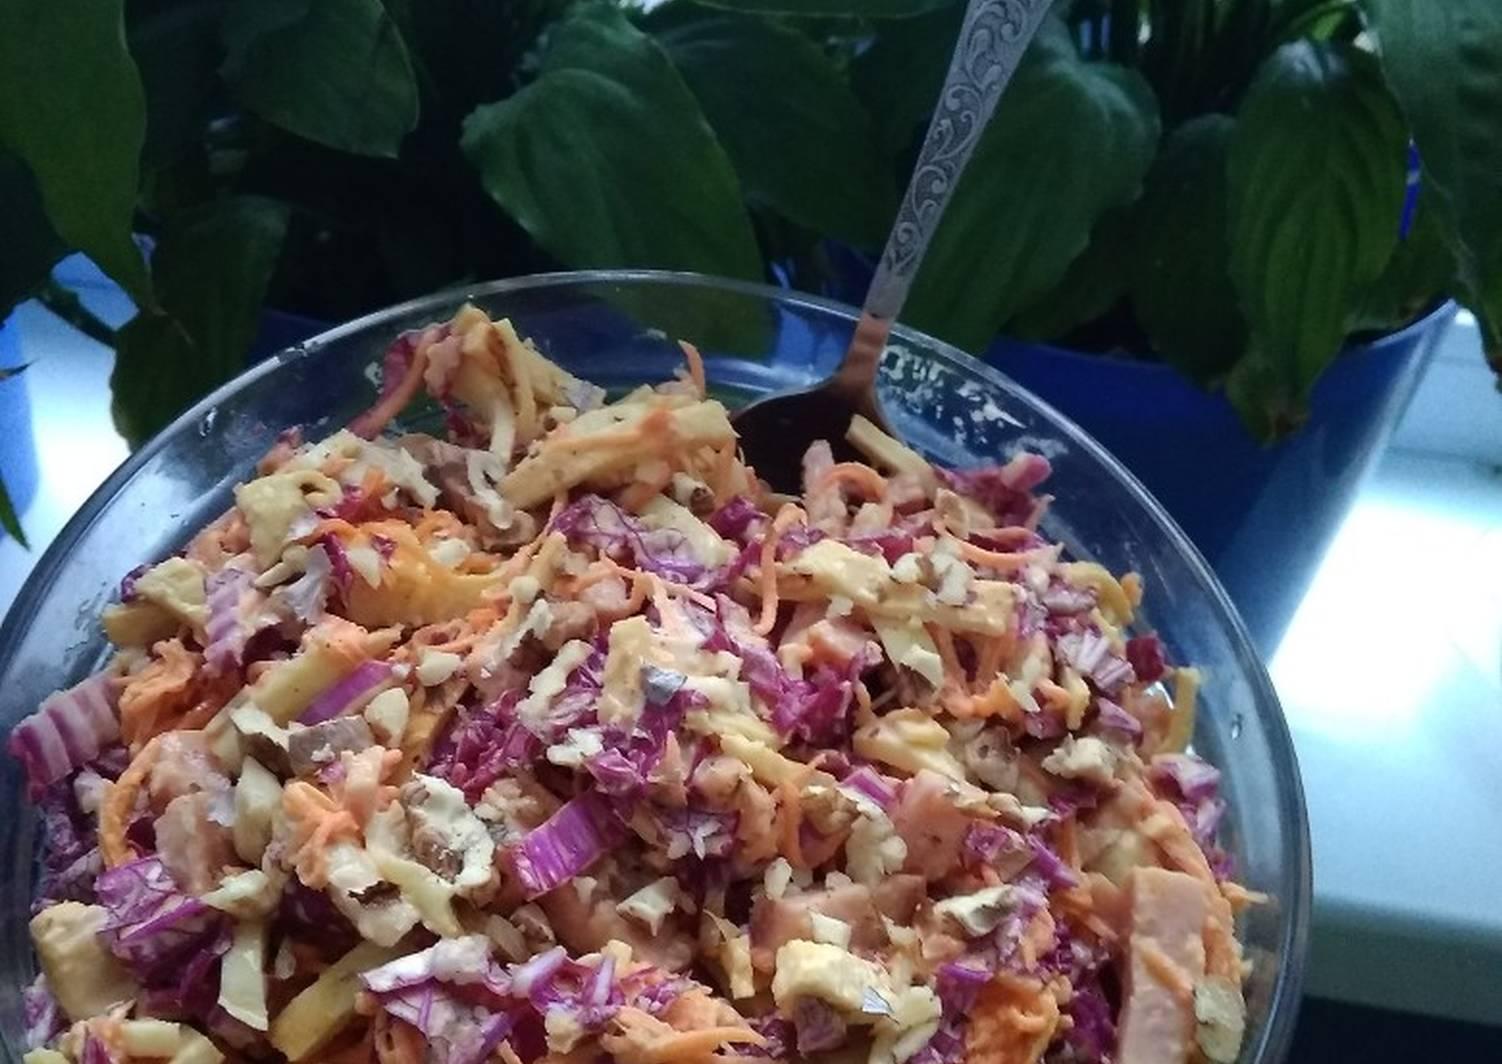 салат анастасия рецепты с фото спутайте пропустите